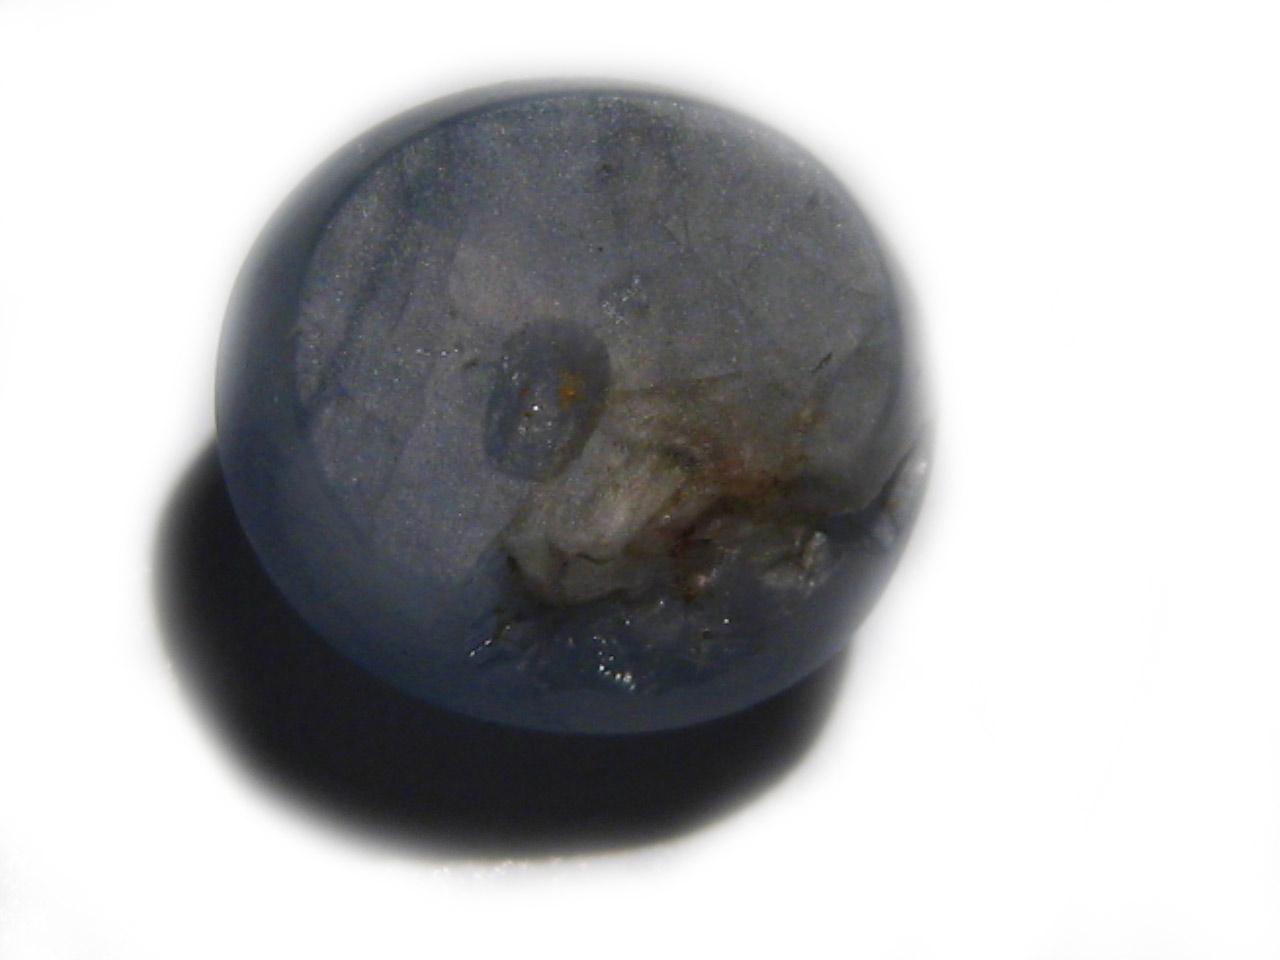 Burma Blue Star Sapphire 6.75 carats 9.9x9.1x7.3mm